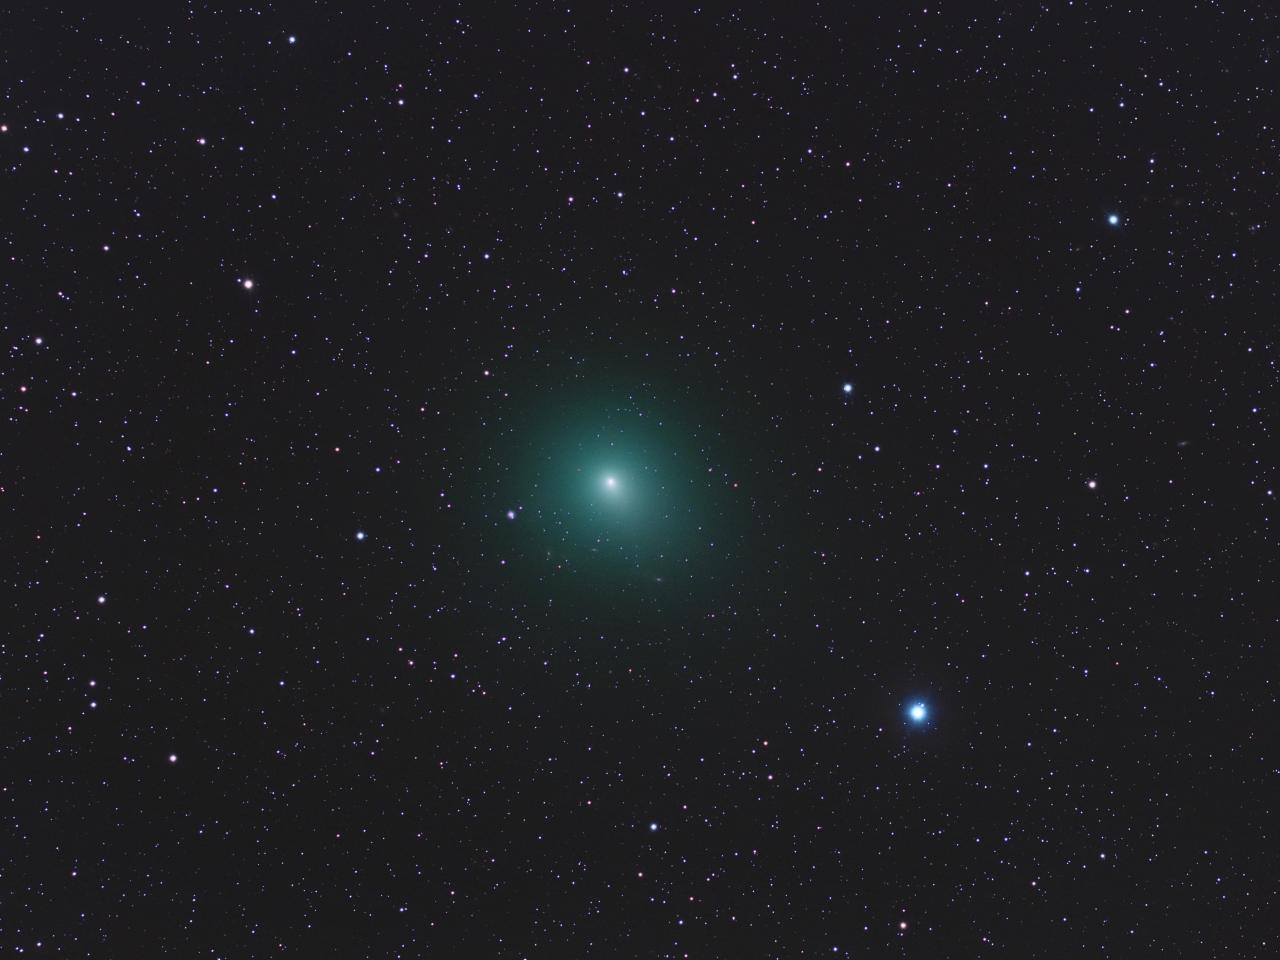 Astros en el espacio - 1280x960